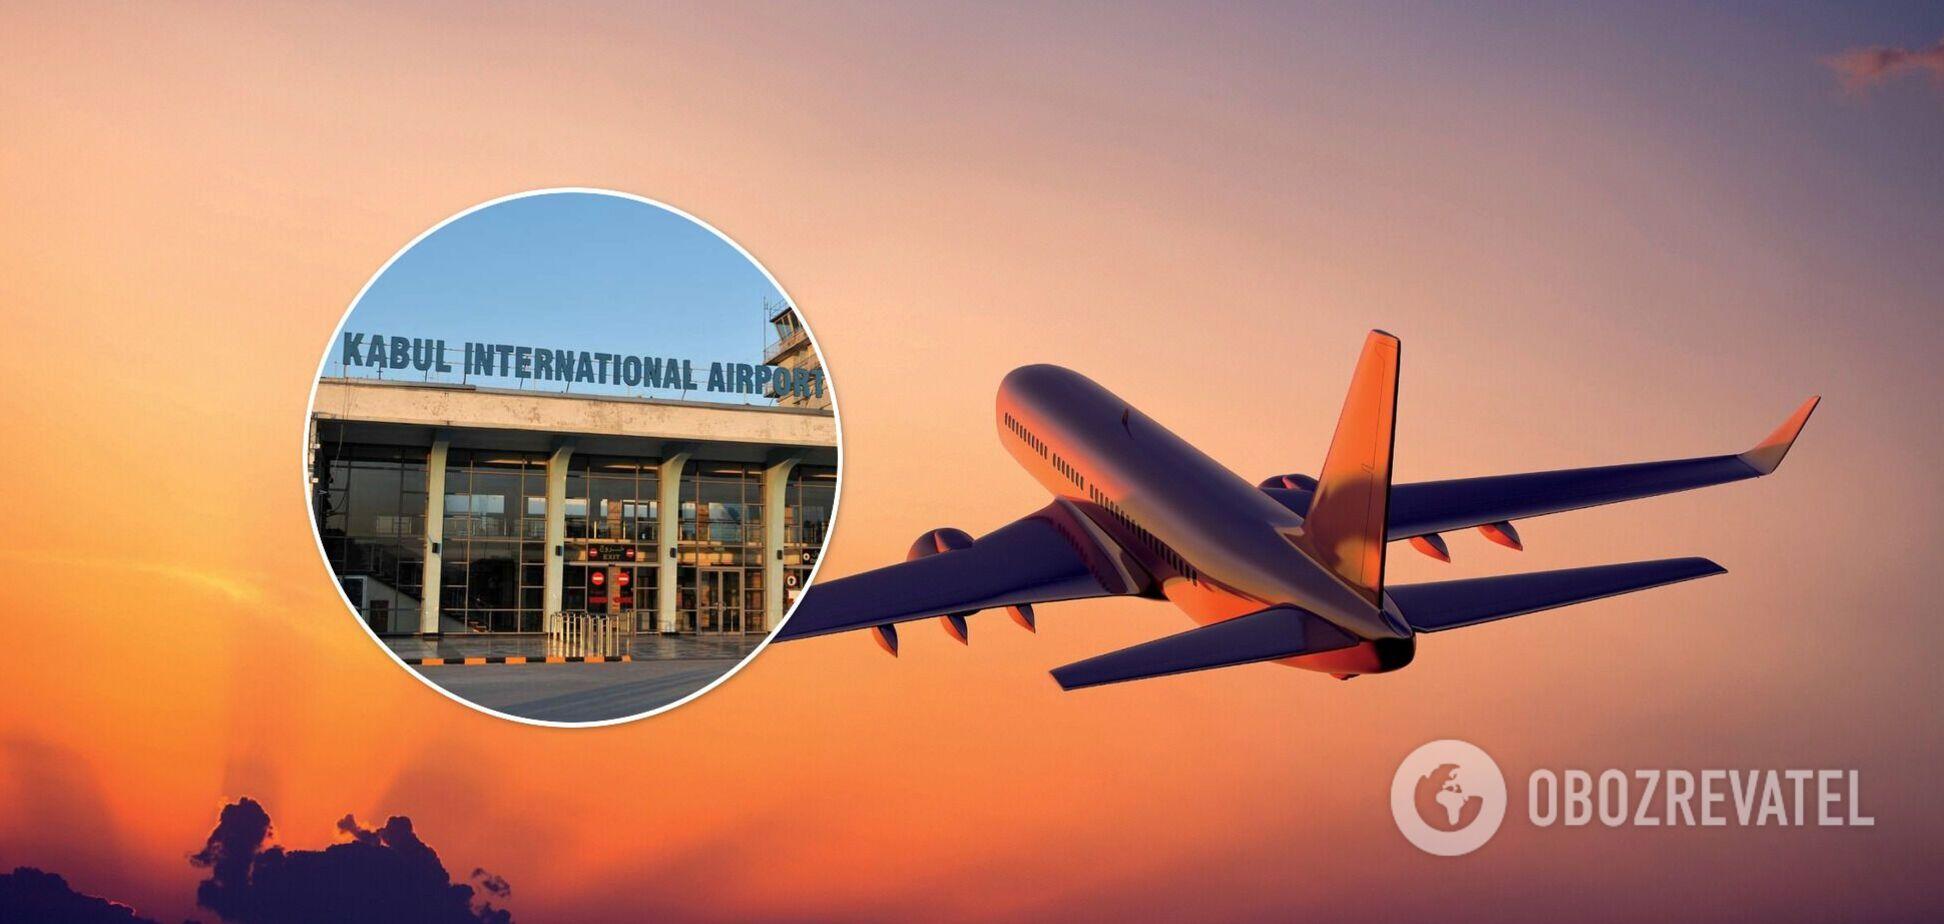 В Кабул прибув ще один літак з України для евакуації громадян – ЗМІ